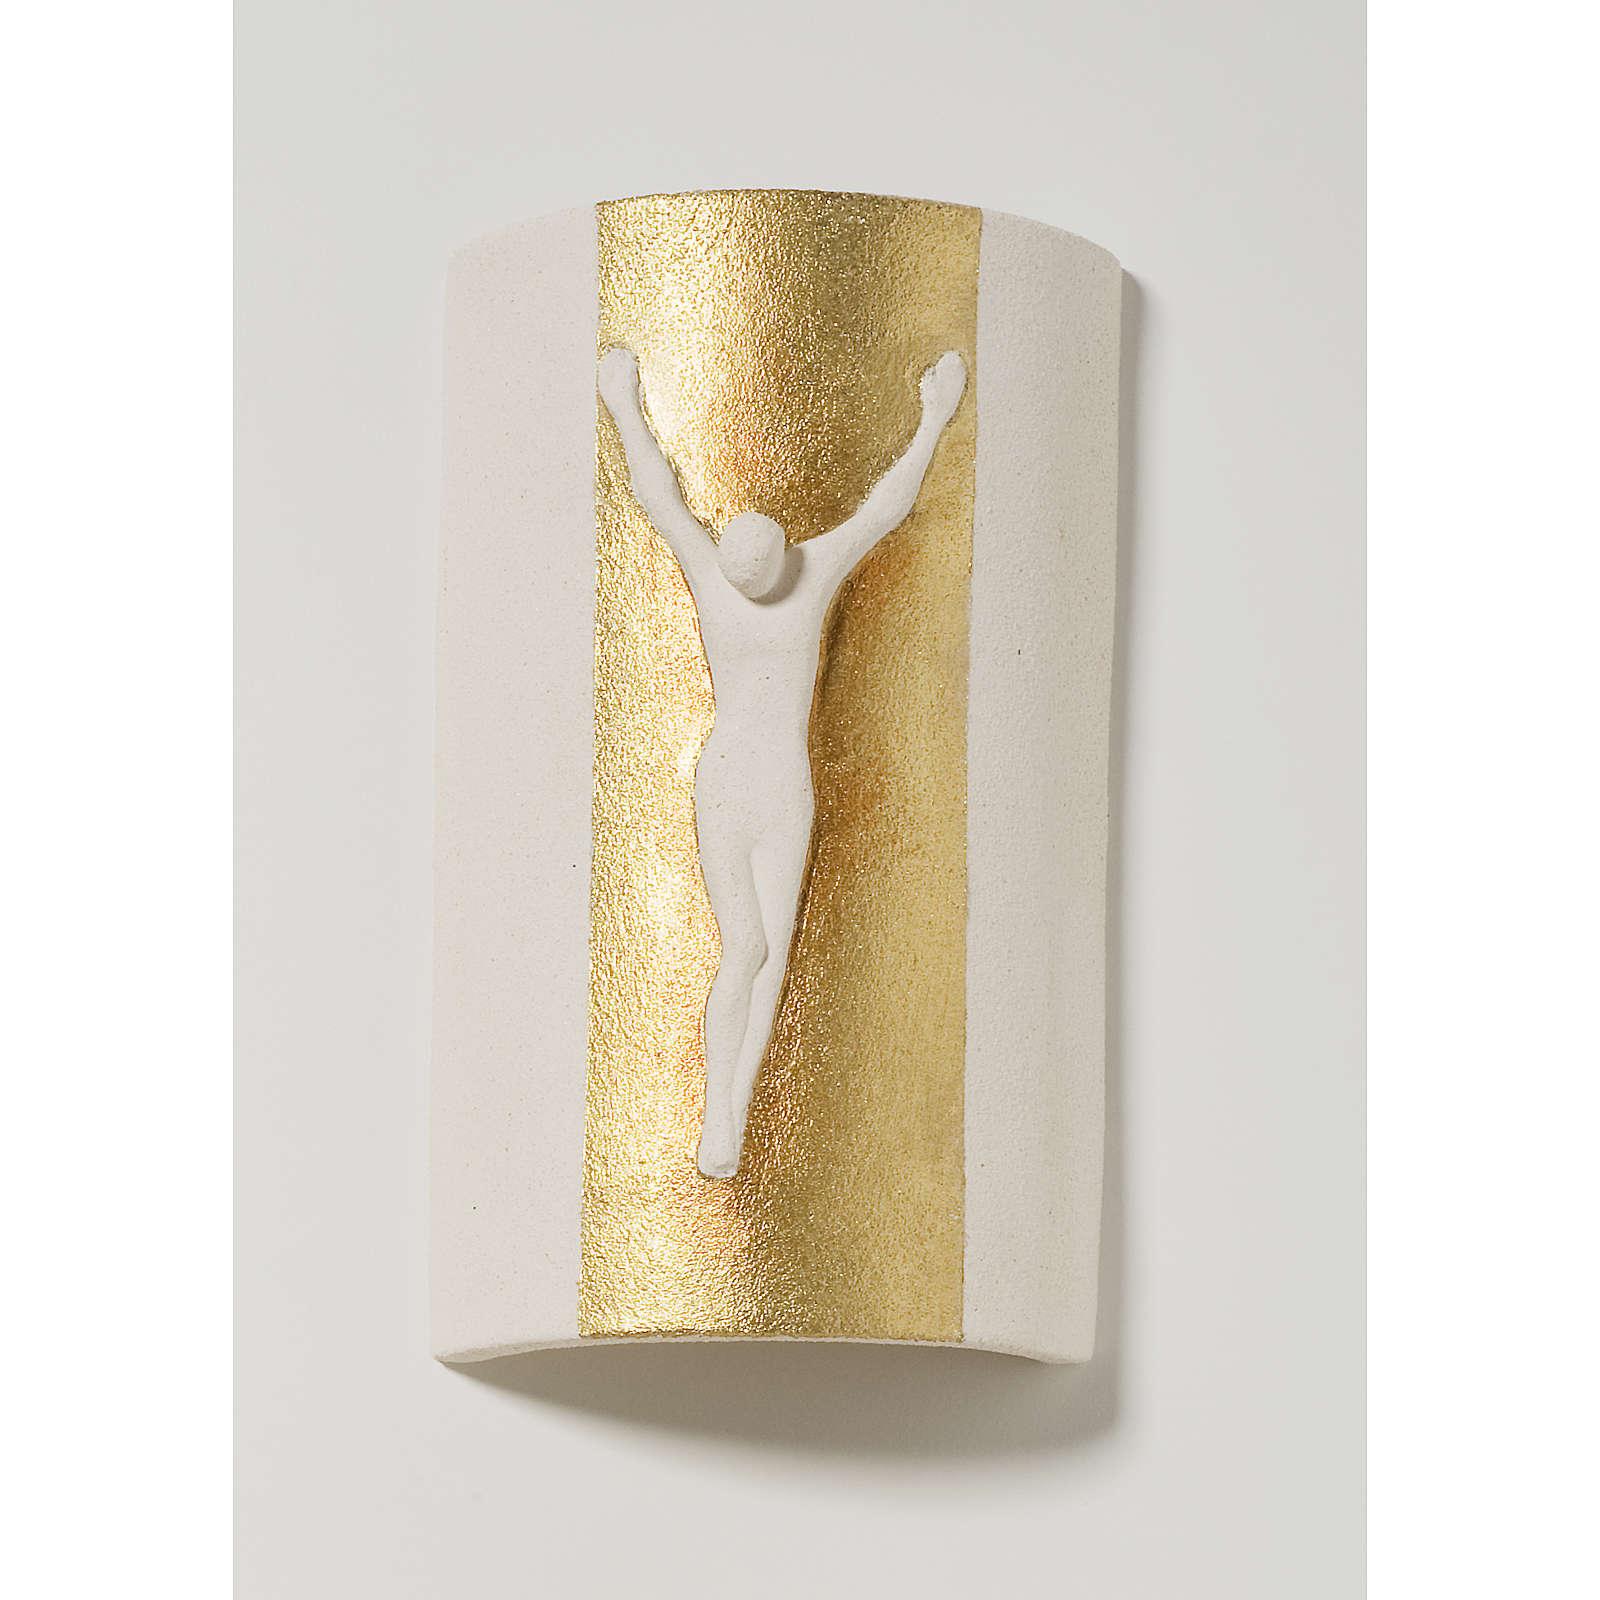 Crocefisso stele con oro cm 17,5 4